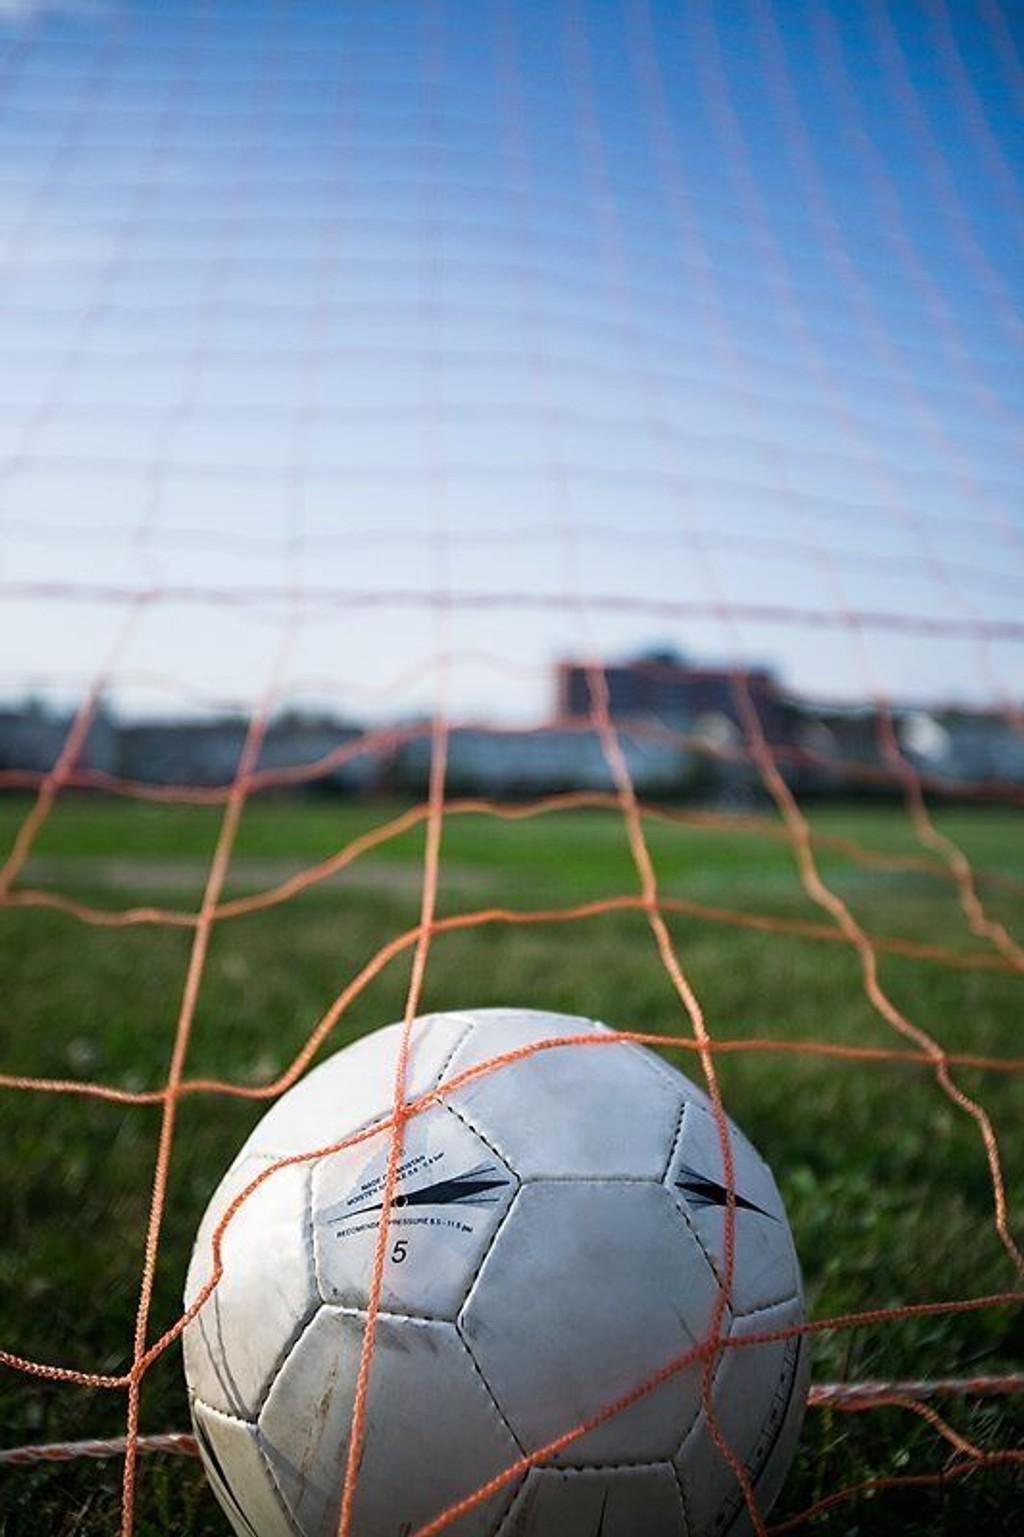 MANGEL PÅ LAG: Det mangler tilbud, det mangler frivillige, men det er flere årsaker, mener Kjepperud i Vestli Fotball.